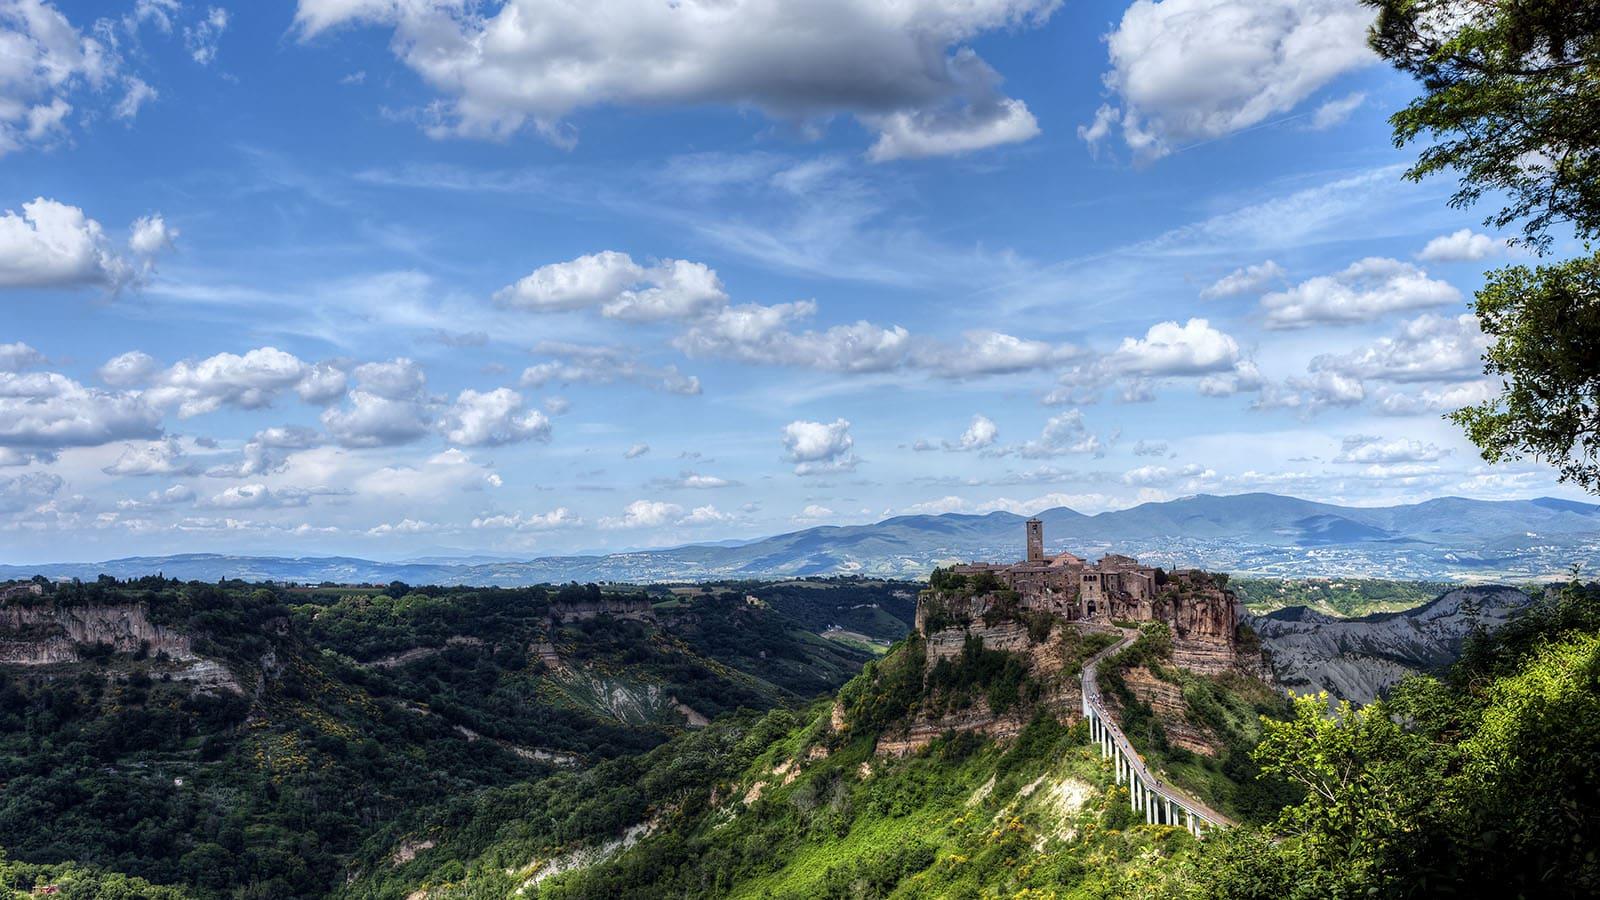 """إيطاليا تعاني من شح السياح..كيف يواجه قطاع السياحة """"الكارثة""""؟"""